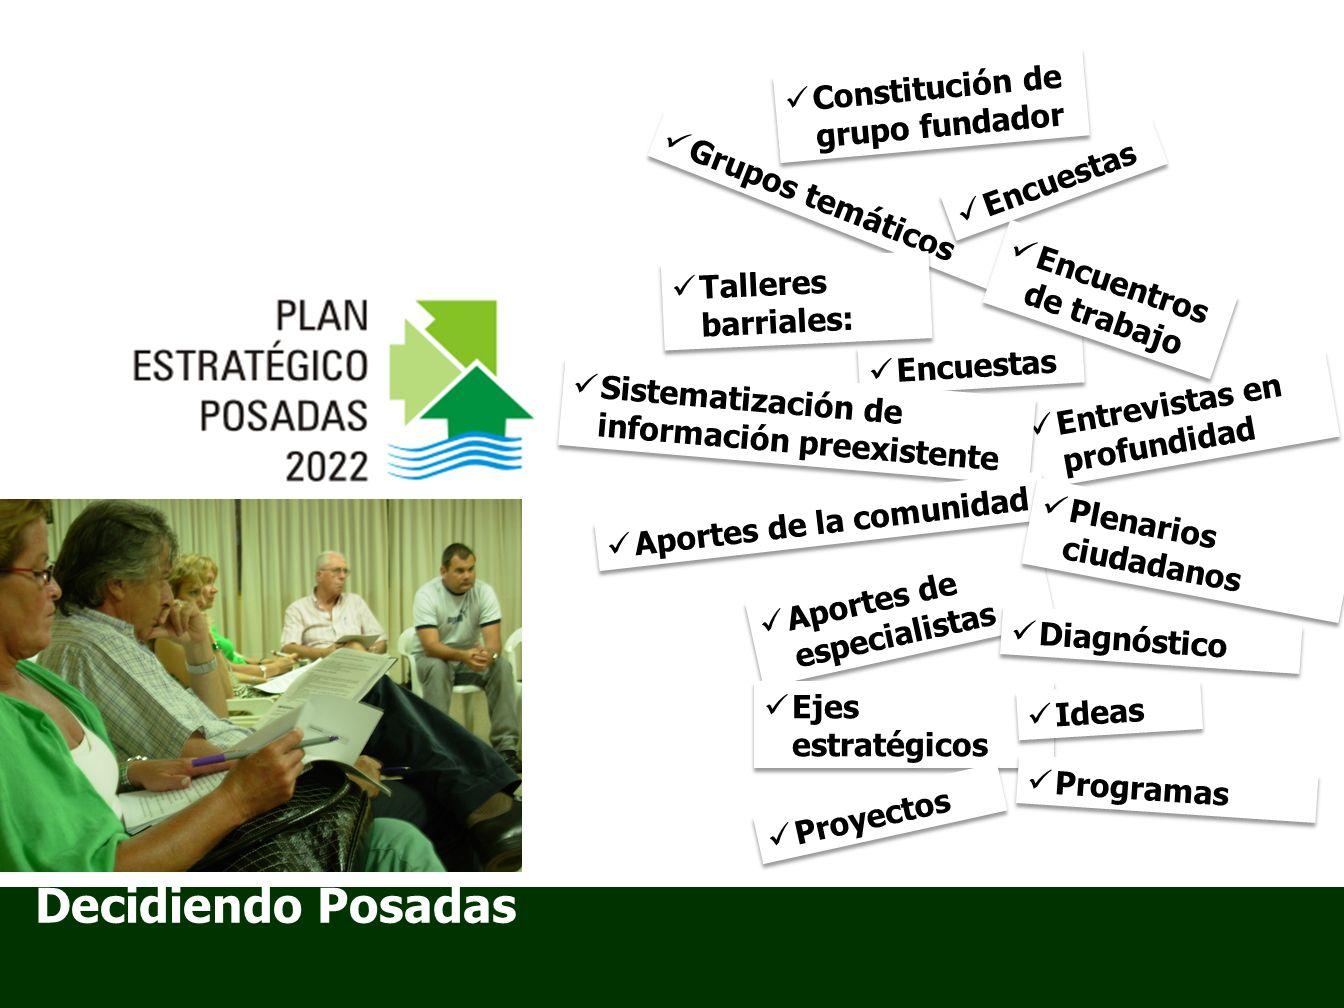 Programas Proyectos Posadas nos cuida Escuela de salud Centro de enfermedades emergentes y vectoriales Centro coordinador de emergencias y catástrofes Inclusión social y convivencia ciudadana Posadas saludable Identidad local e integración territorial